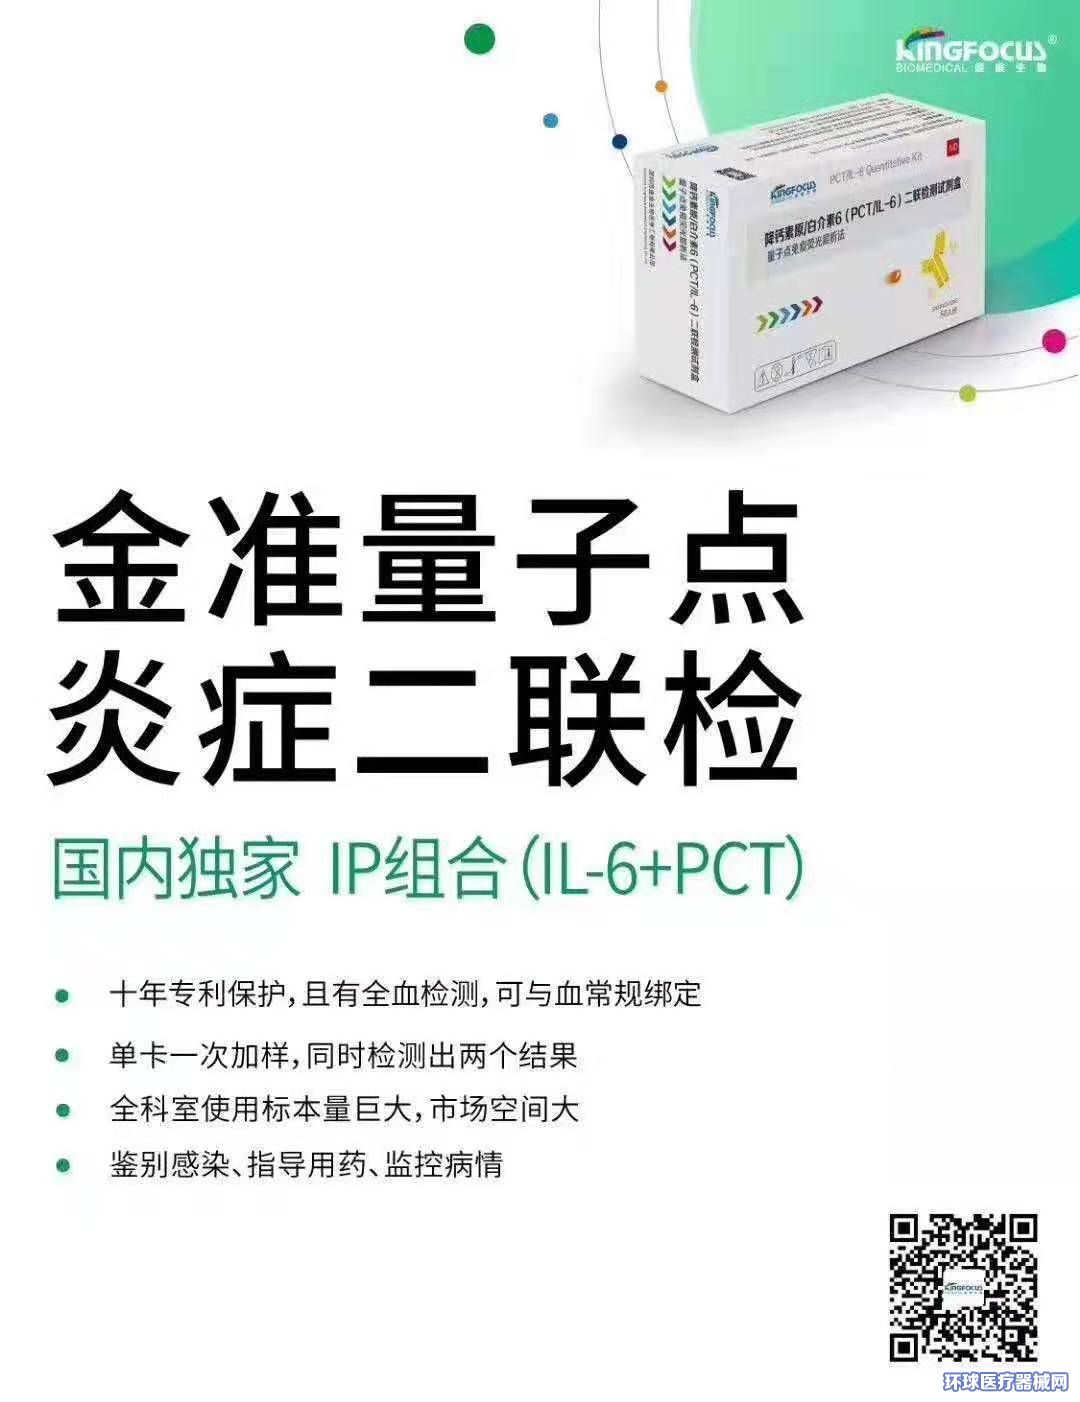 降钙素原/白介素6(PCT/IL6)二联检测试剂盒